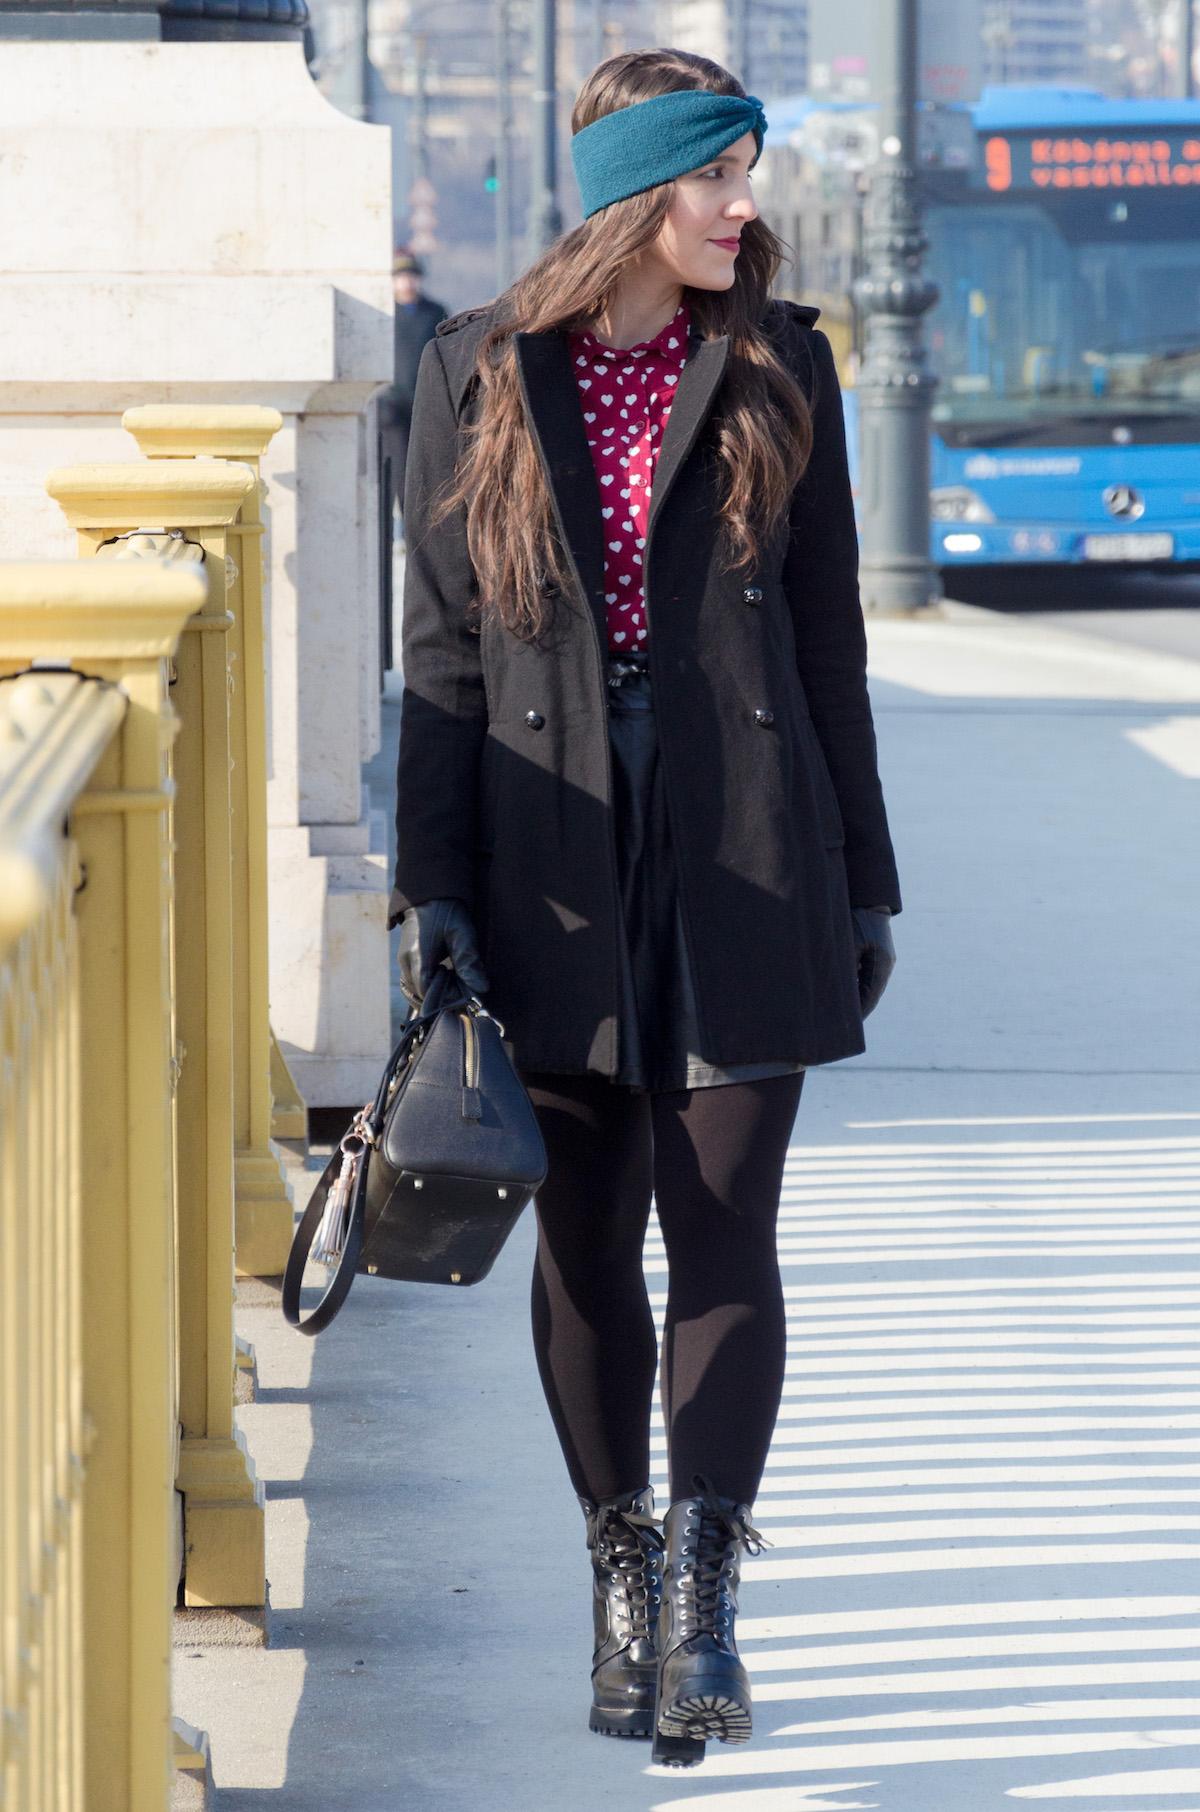 A kabát hossza alapvetően a szoknya hosszával egyezik meg. Az lenne a szabály, hogy ez így legyen: ha több centit lógna ki a szoknya, akkor nem lenne olyan harmonikus az outfit, és az egyébként rövid lábaimat is még jobban rövidítené.